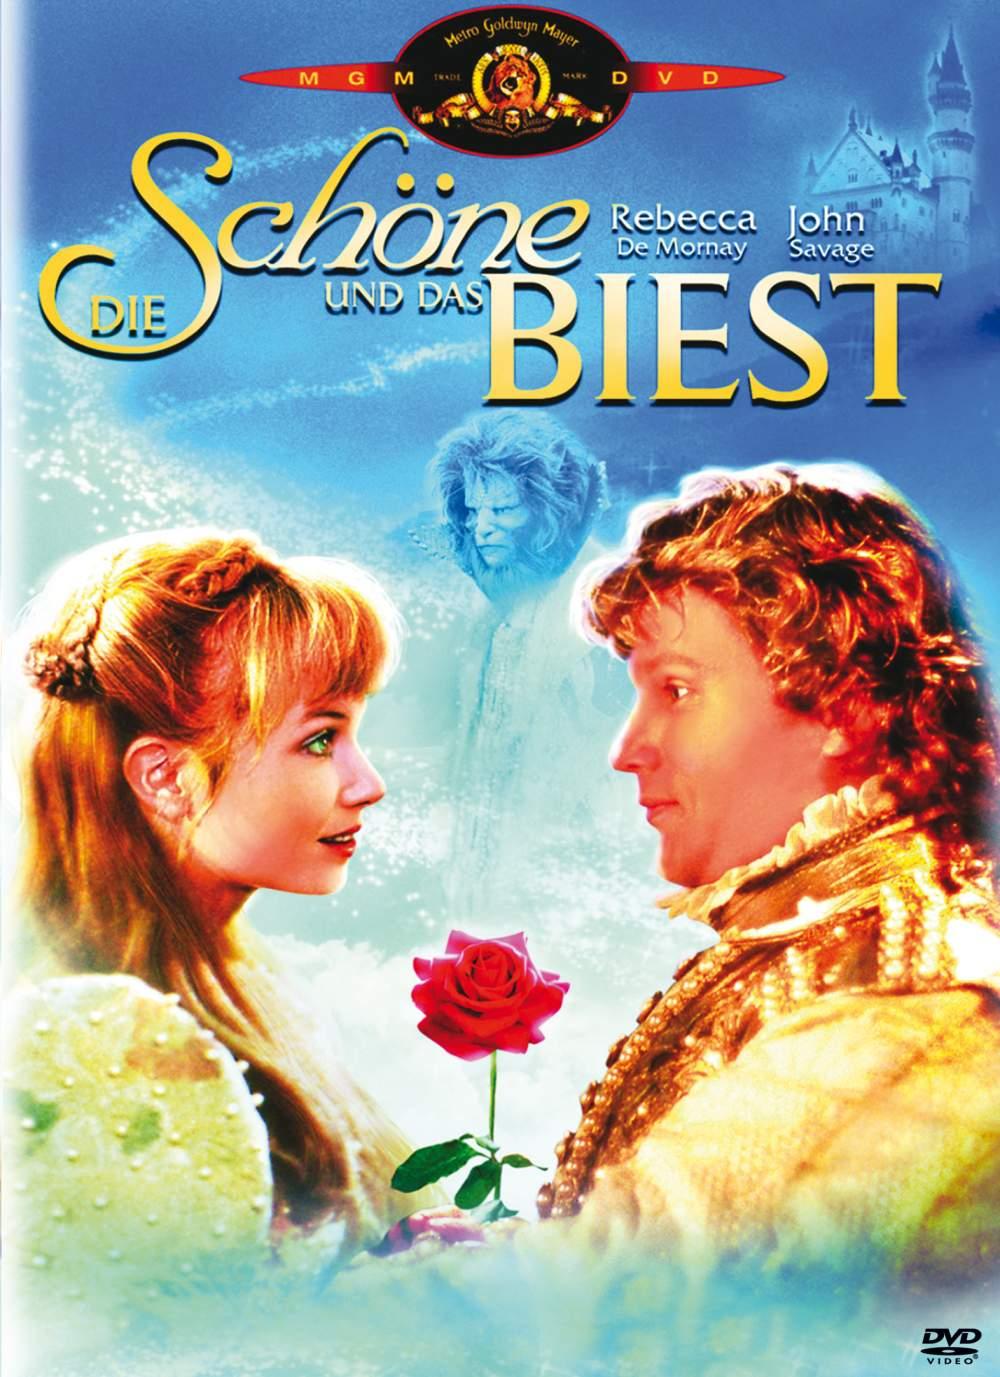 Die Schöne Und Das Biest 1987 Stream